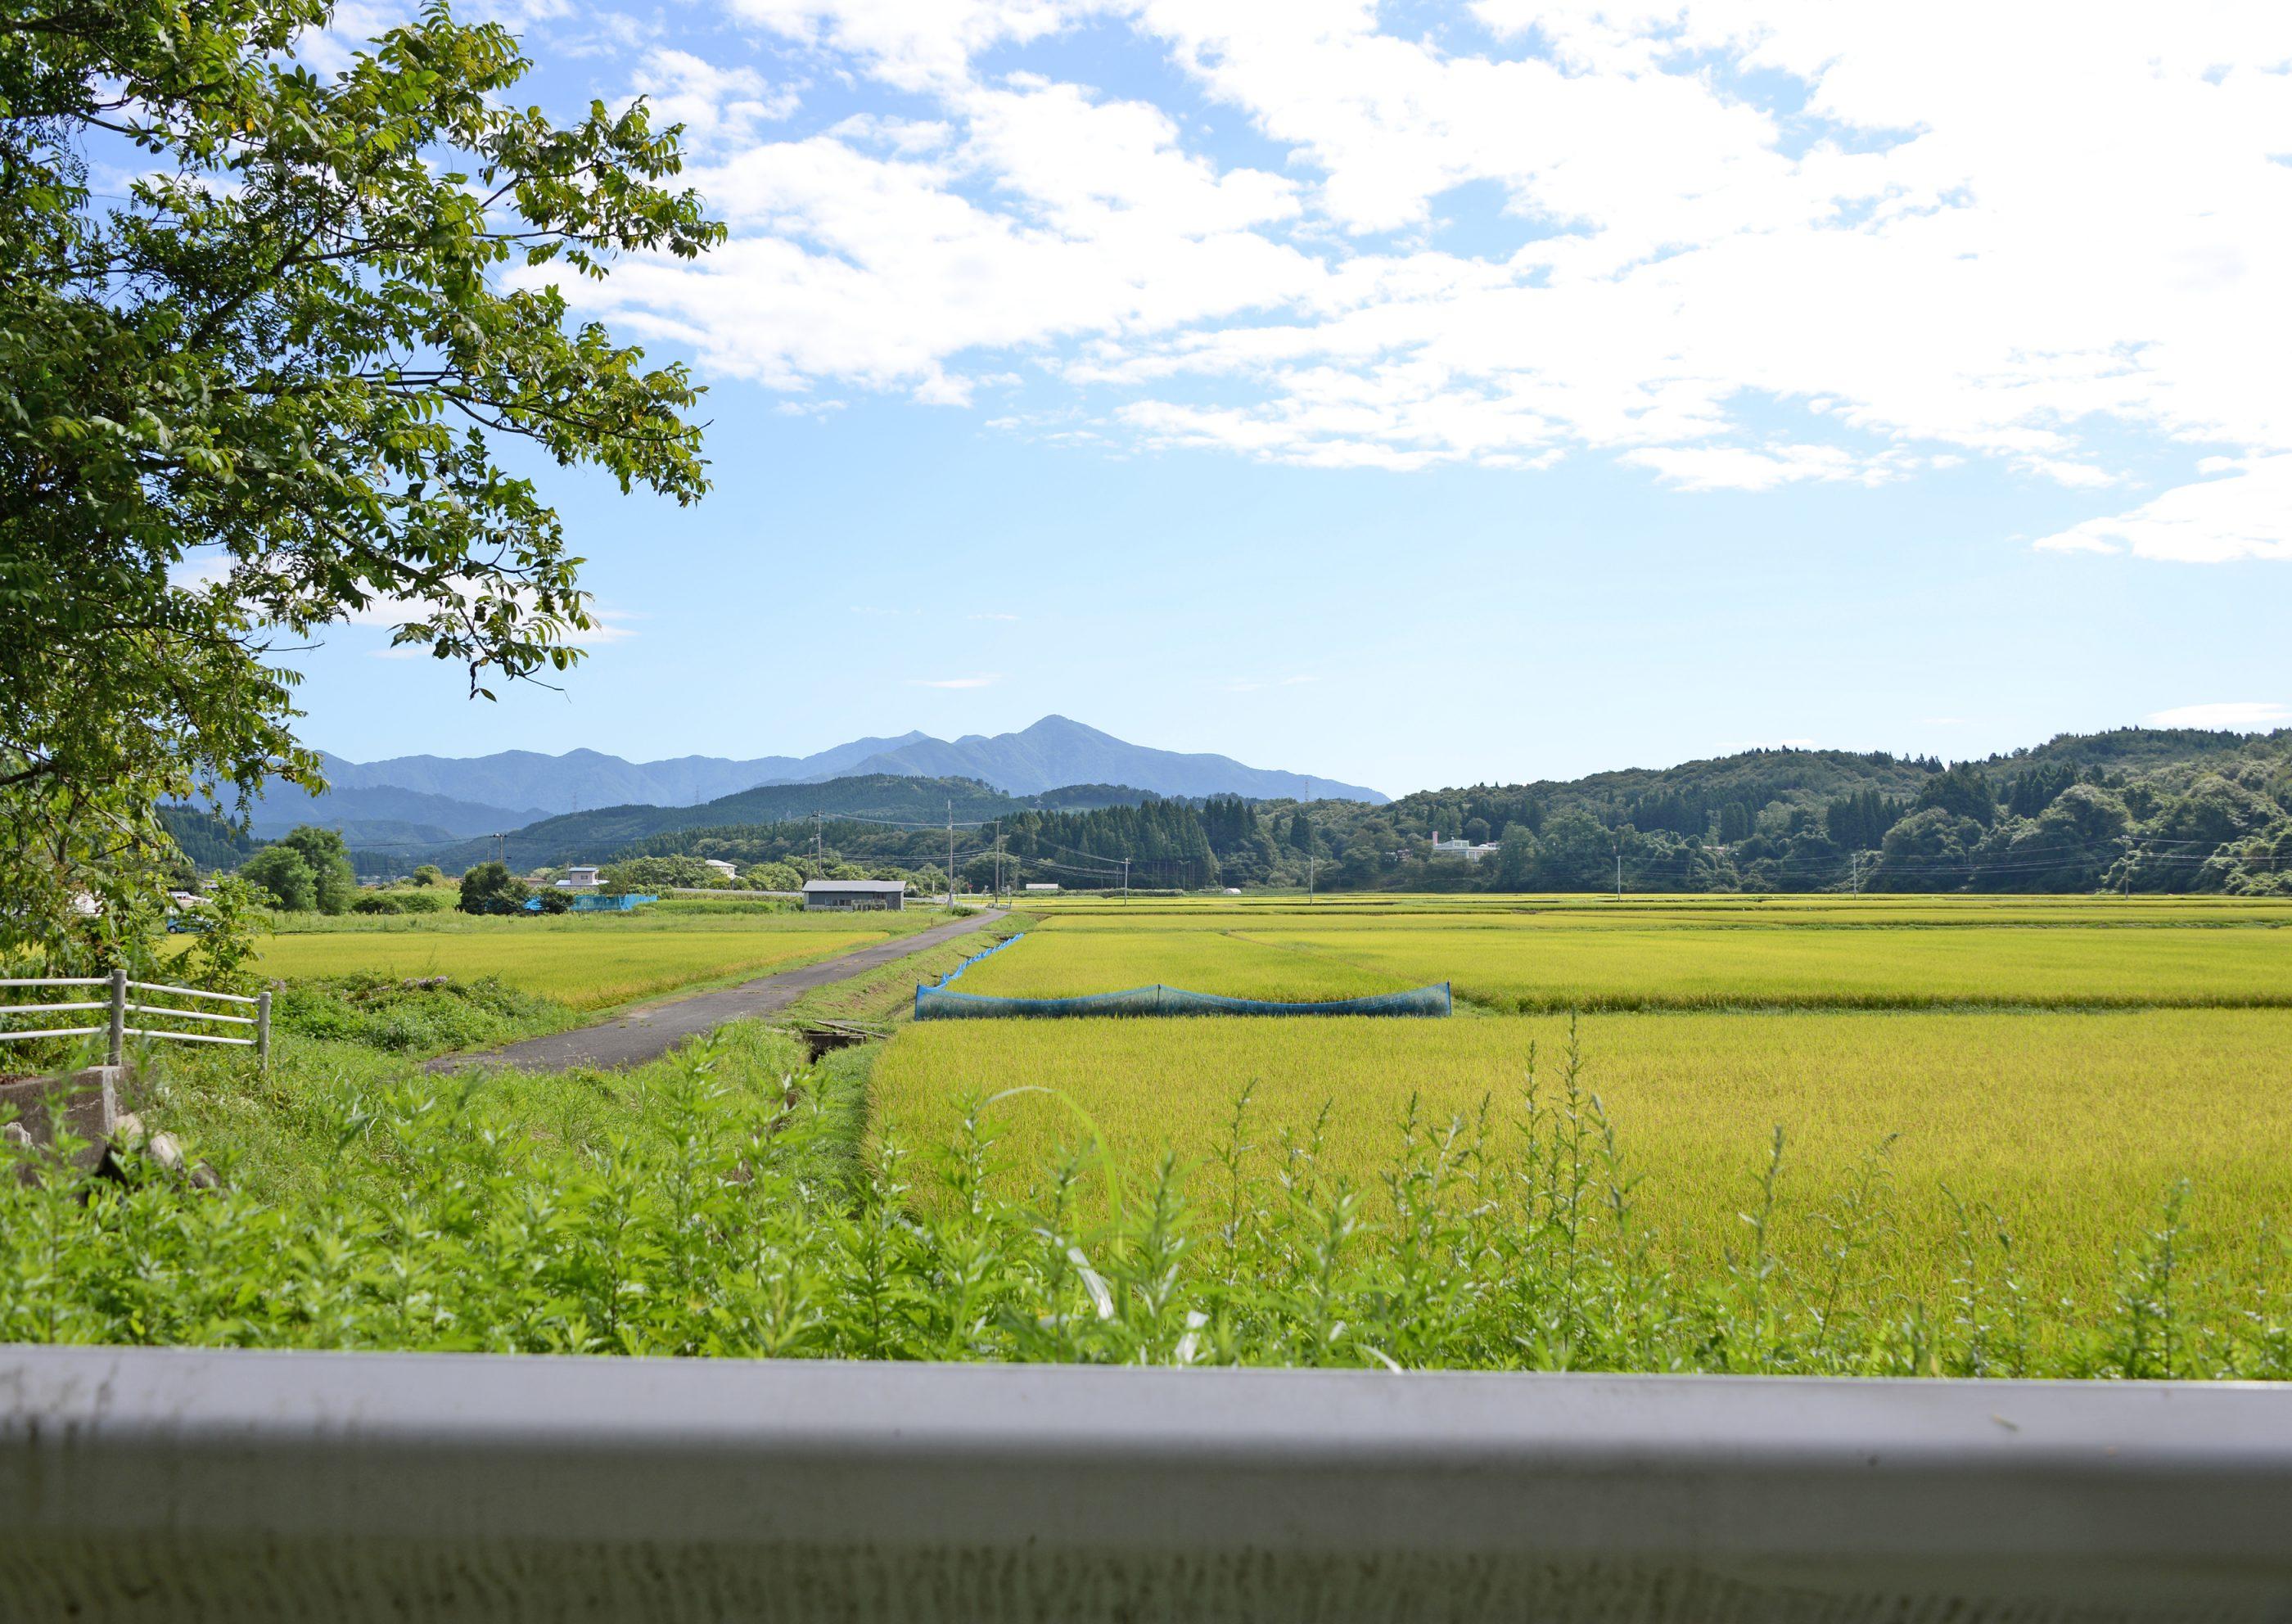 ⇑ 手形山を抜け添川の田んぼに出る直前に見る太平山。この付近には下の写真の水門がある。